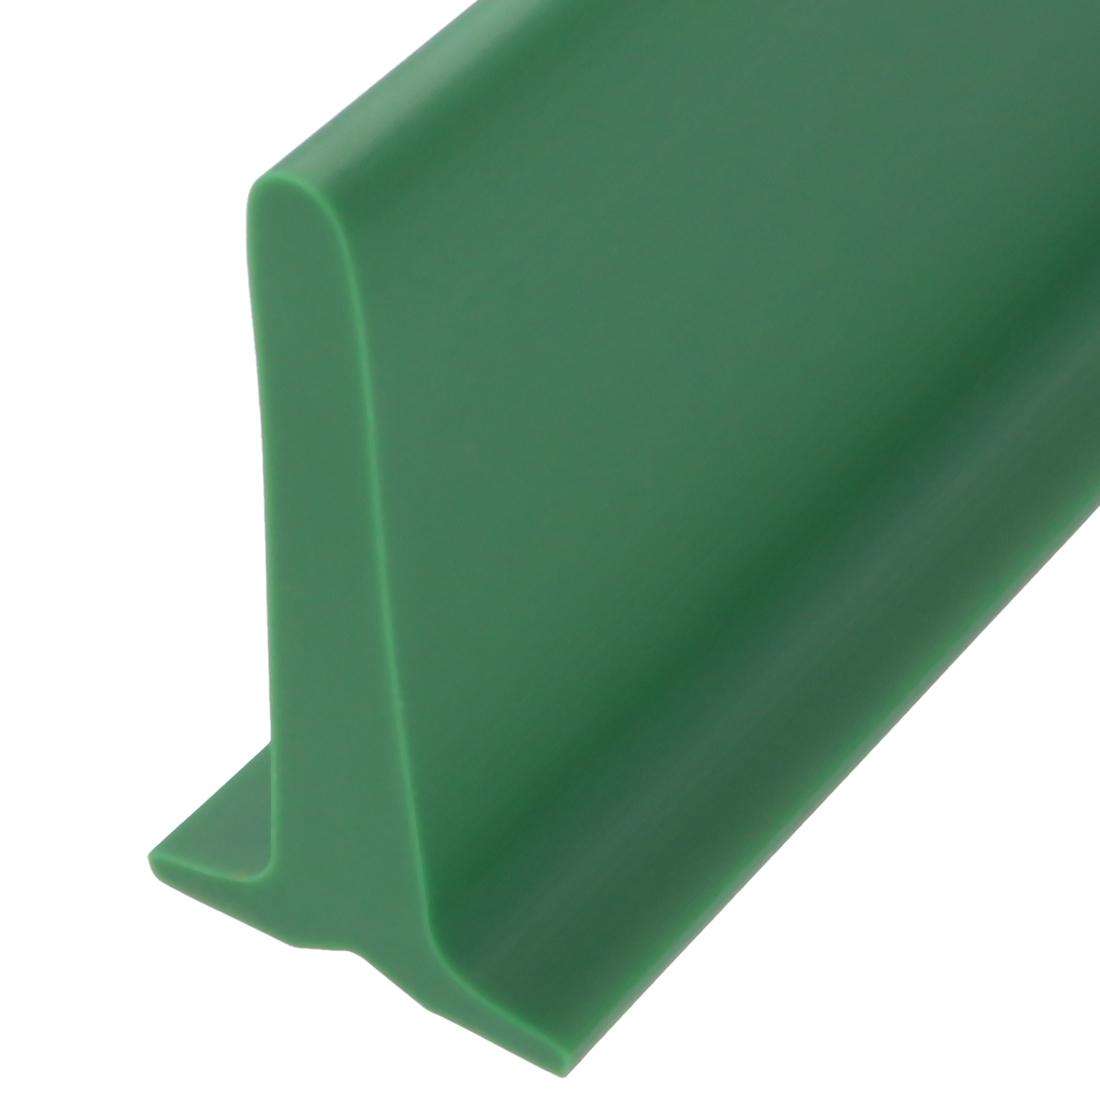 T-Stollen aus PVC